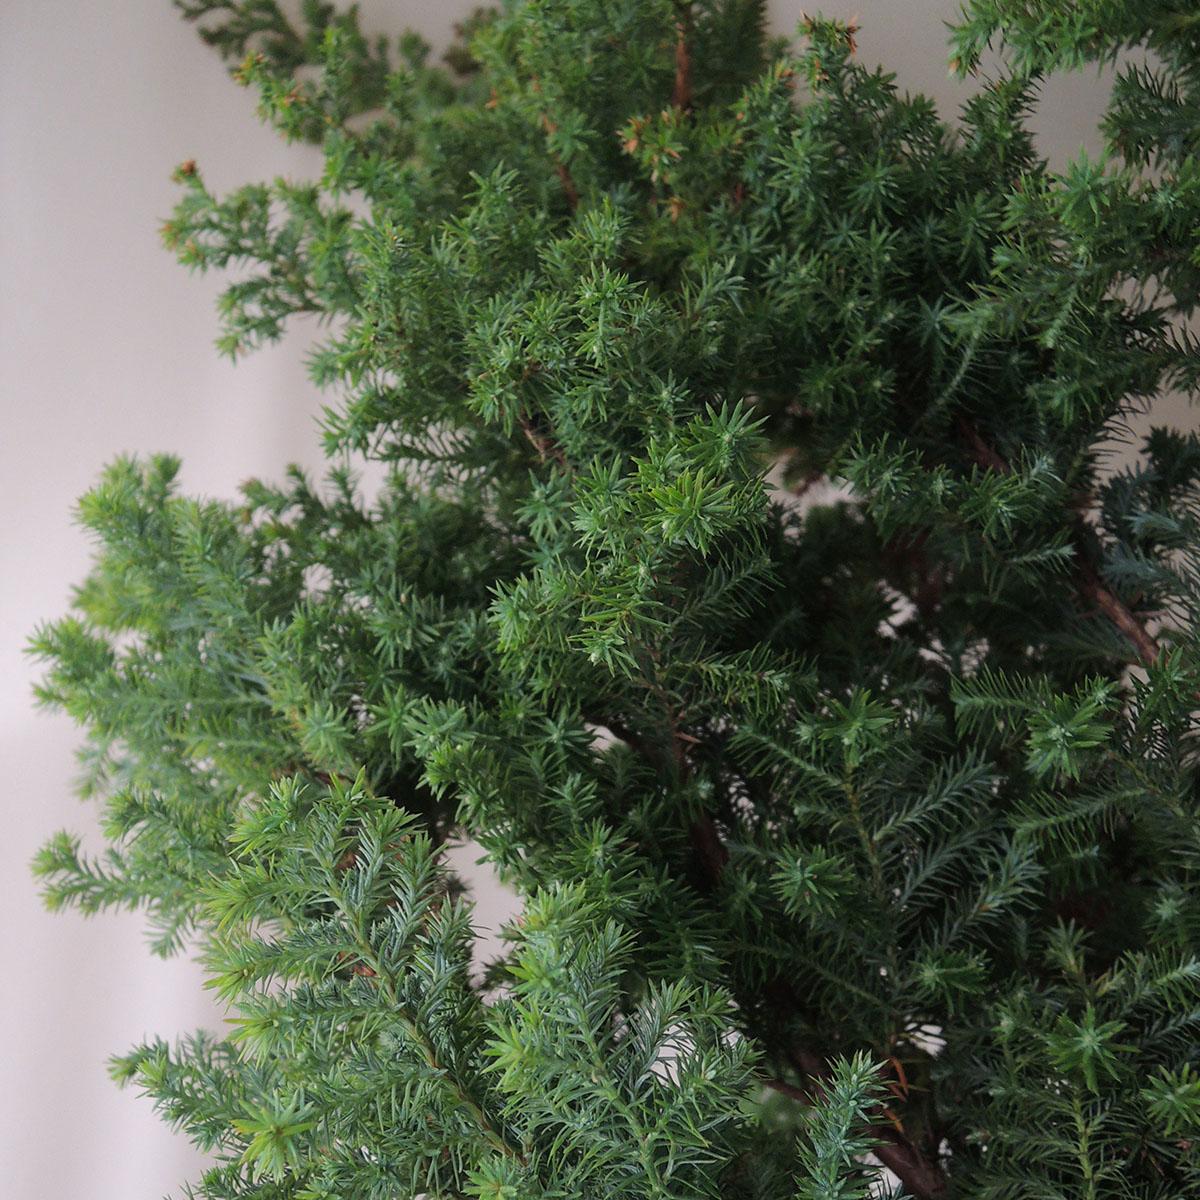 【生花】ヒムロ杉 60cm程度(※葉焼けあり)